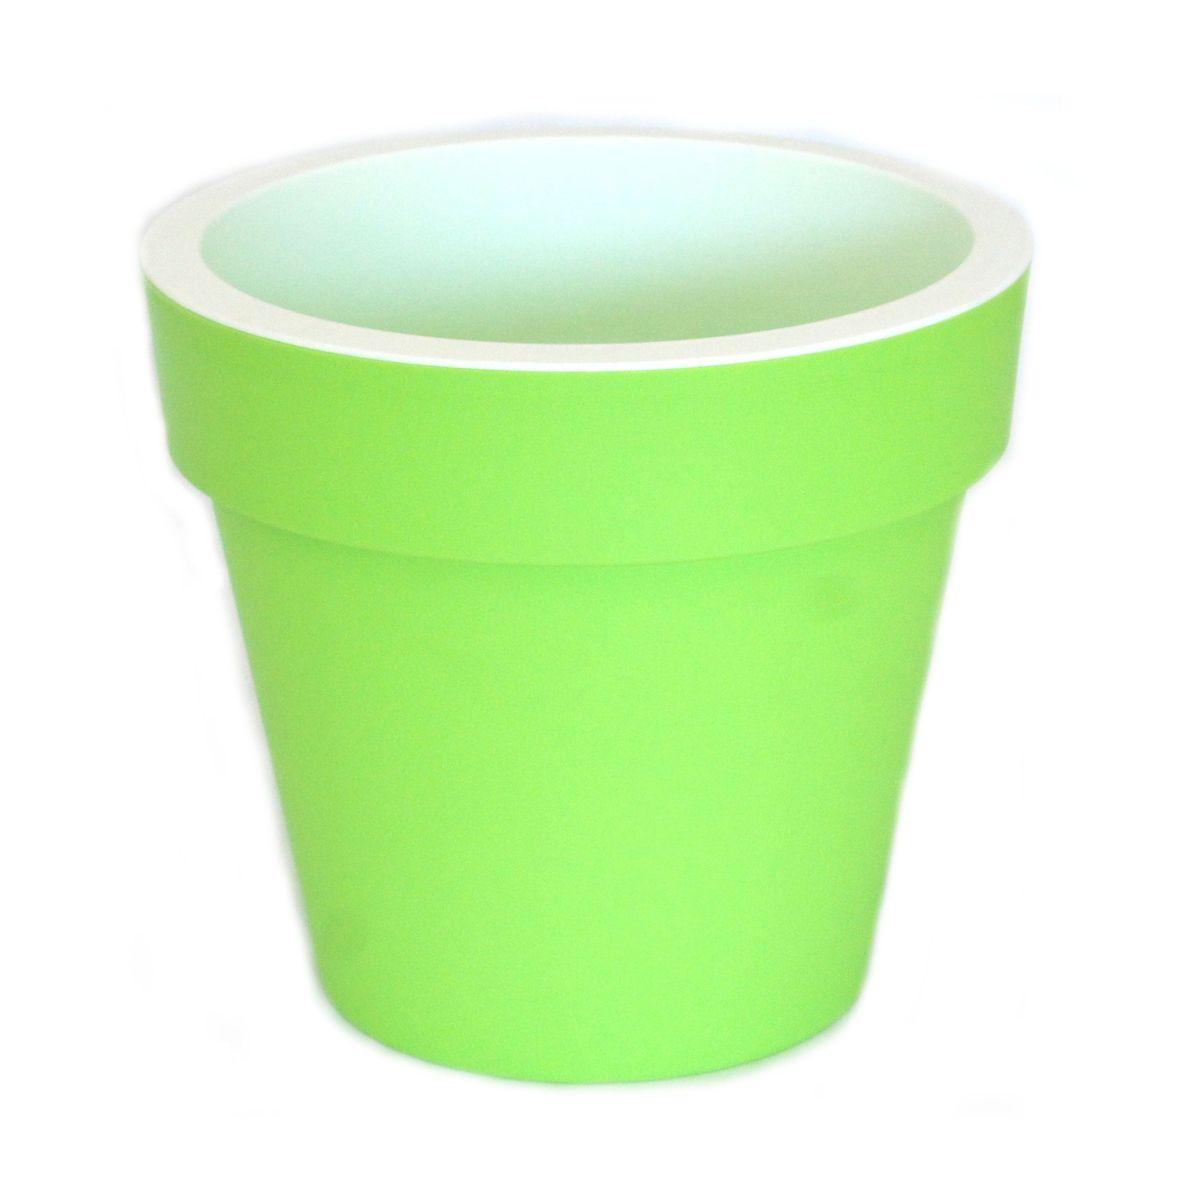 Кашпо JetPlast Порто, со вставкой, цвет: фисташковый, 3,5 л4612754052776Кашпо Порто классической формы с внутренней вставкой-горшком. Дренажная вставка позволяет легко поливать растения без использования дополнительного поддона. Вместительный объем кашпо позволяет высаживать самые разнообразные растения, а съемная вставка избавит вас от грязи и подчеркнет красоту цветка. Оно изготовлено из прочного полипропилена (пластика). Такое кашпо порадует вас функциональностью, а благодаря лаконичному дизайну впишется в любой интерьер помещения. Объем кашпо: 3,5 л.